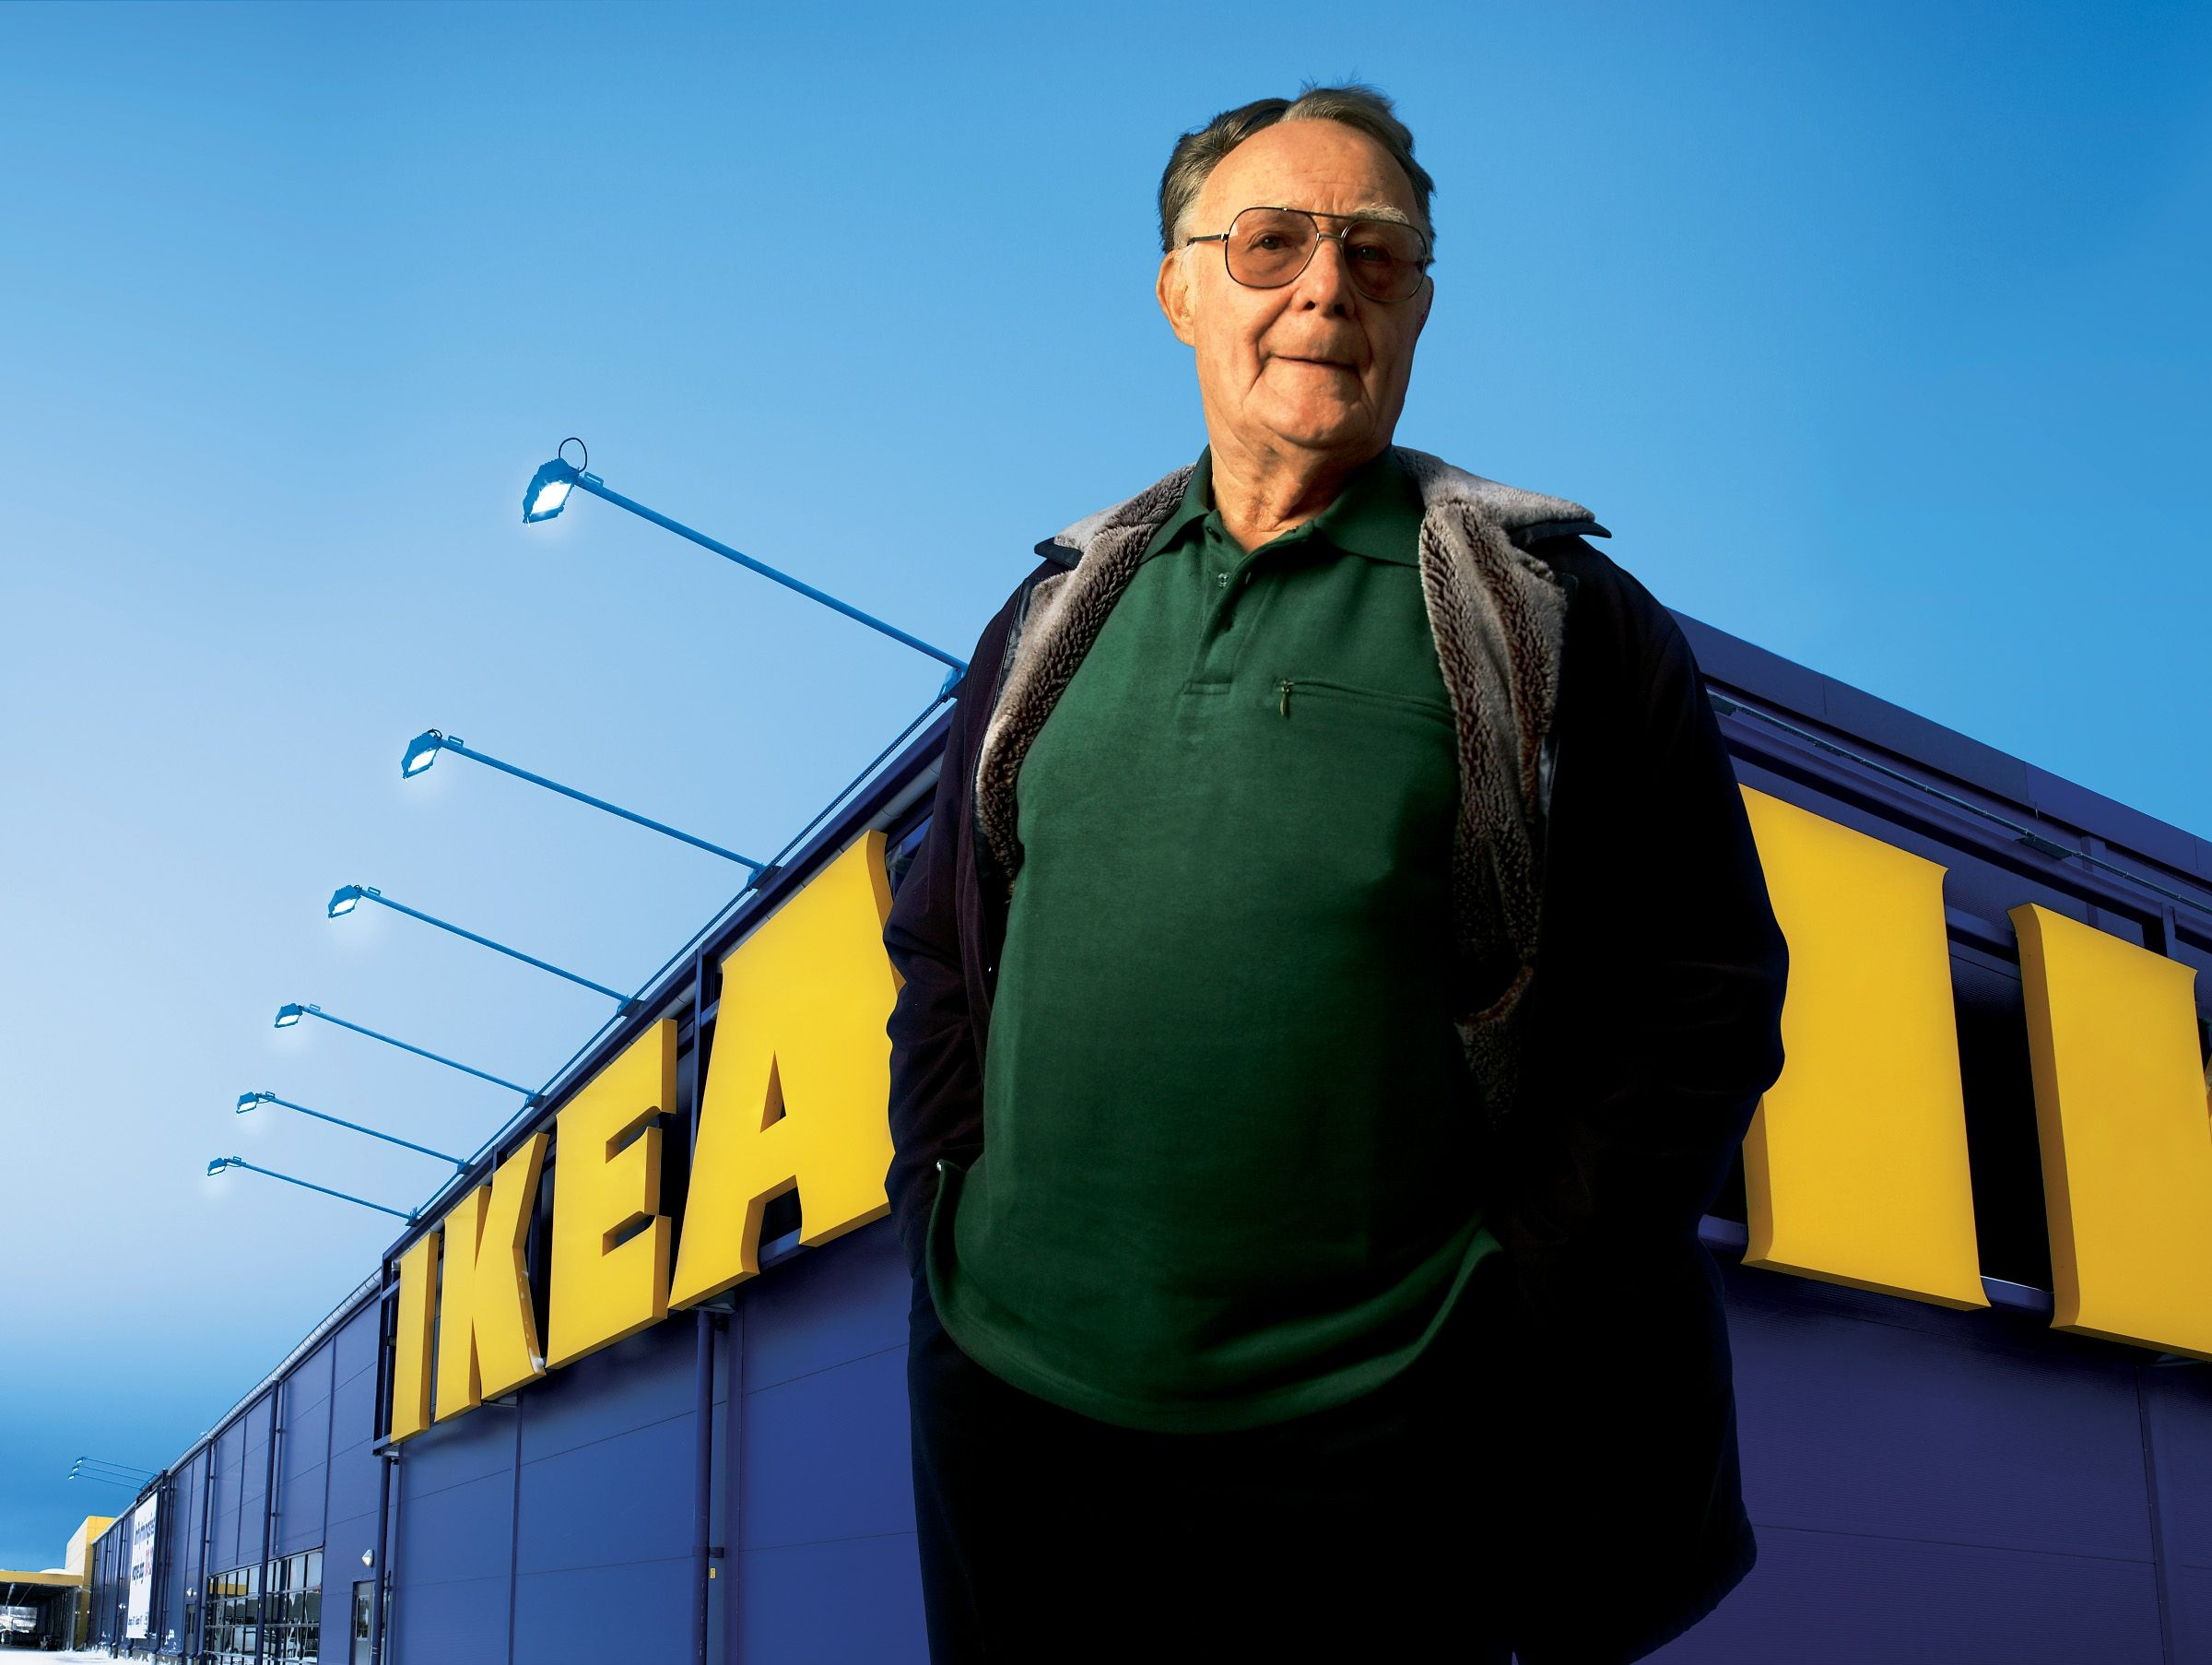 El dueño de Ikea suele ser un hombre de vestimenta sencilla. Foto de Ikea.